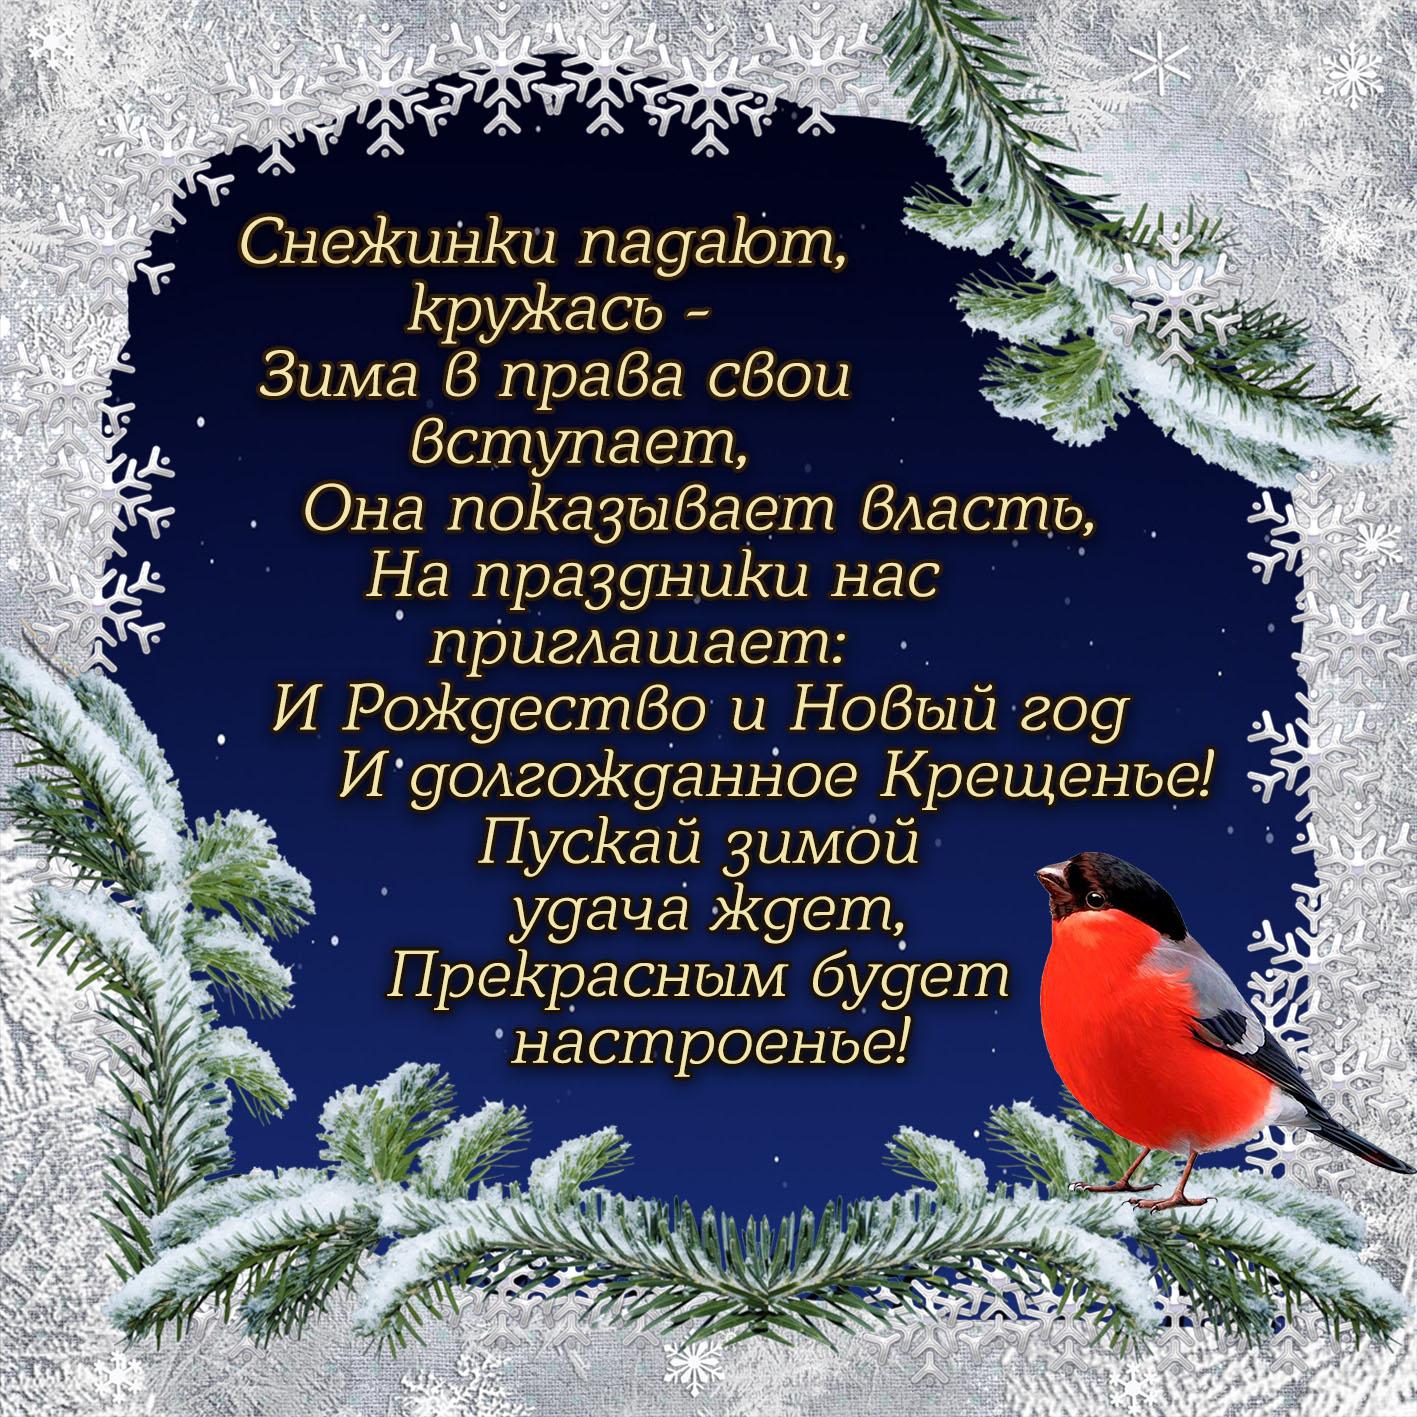 зелени зимние пожелания в картинках со стихами болеро шьют гладкого